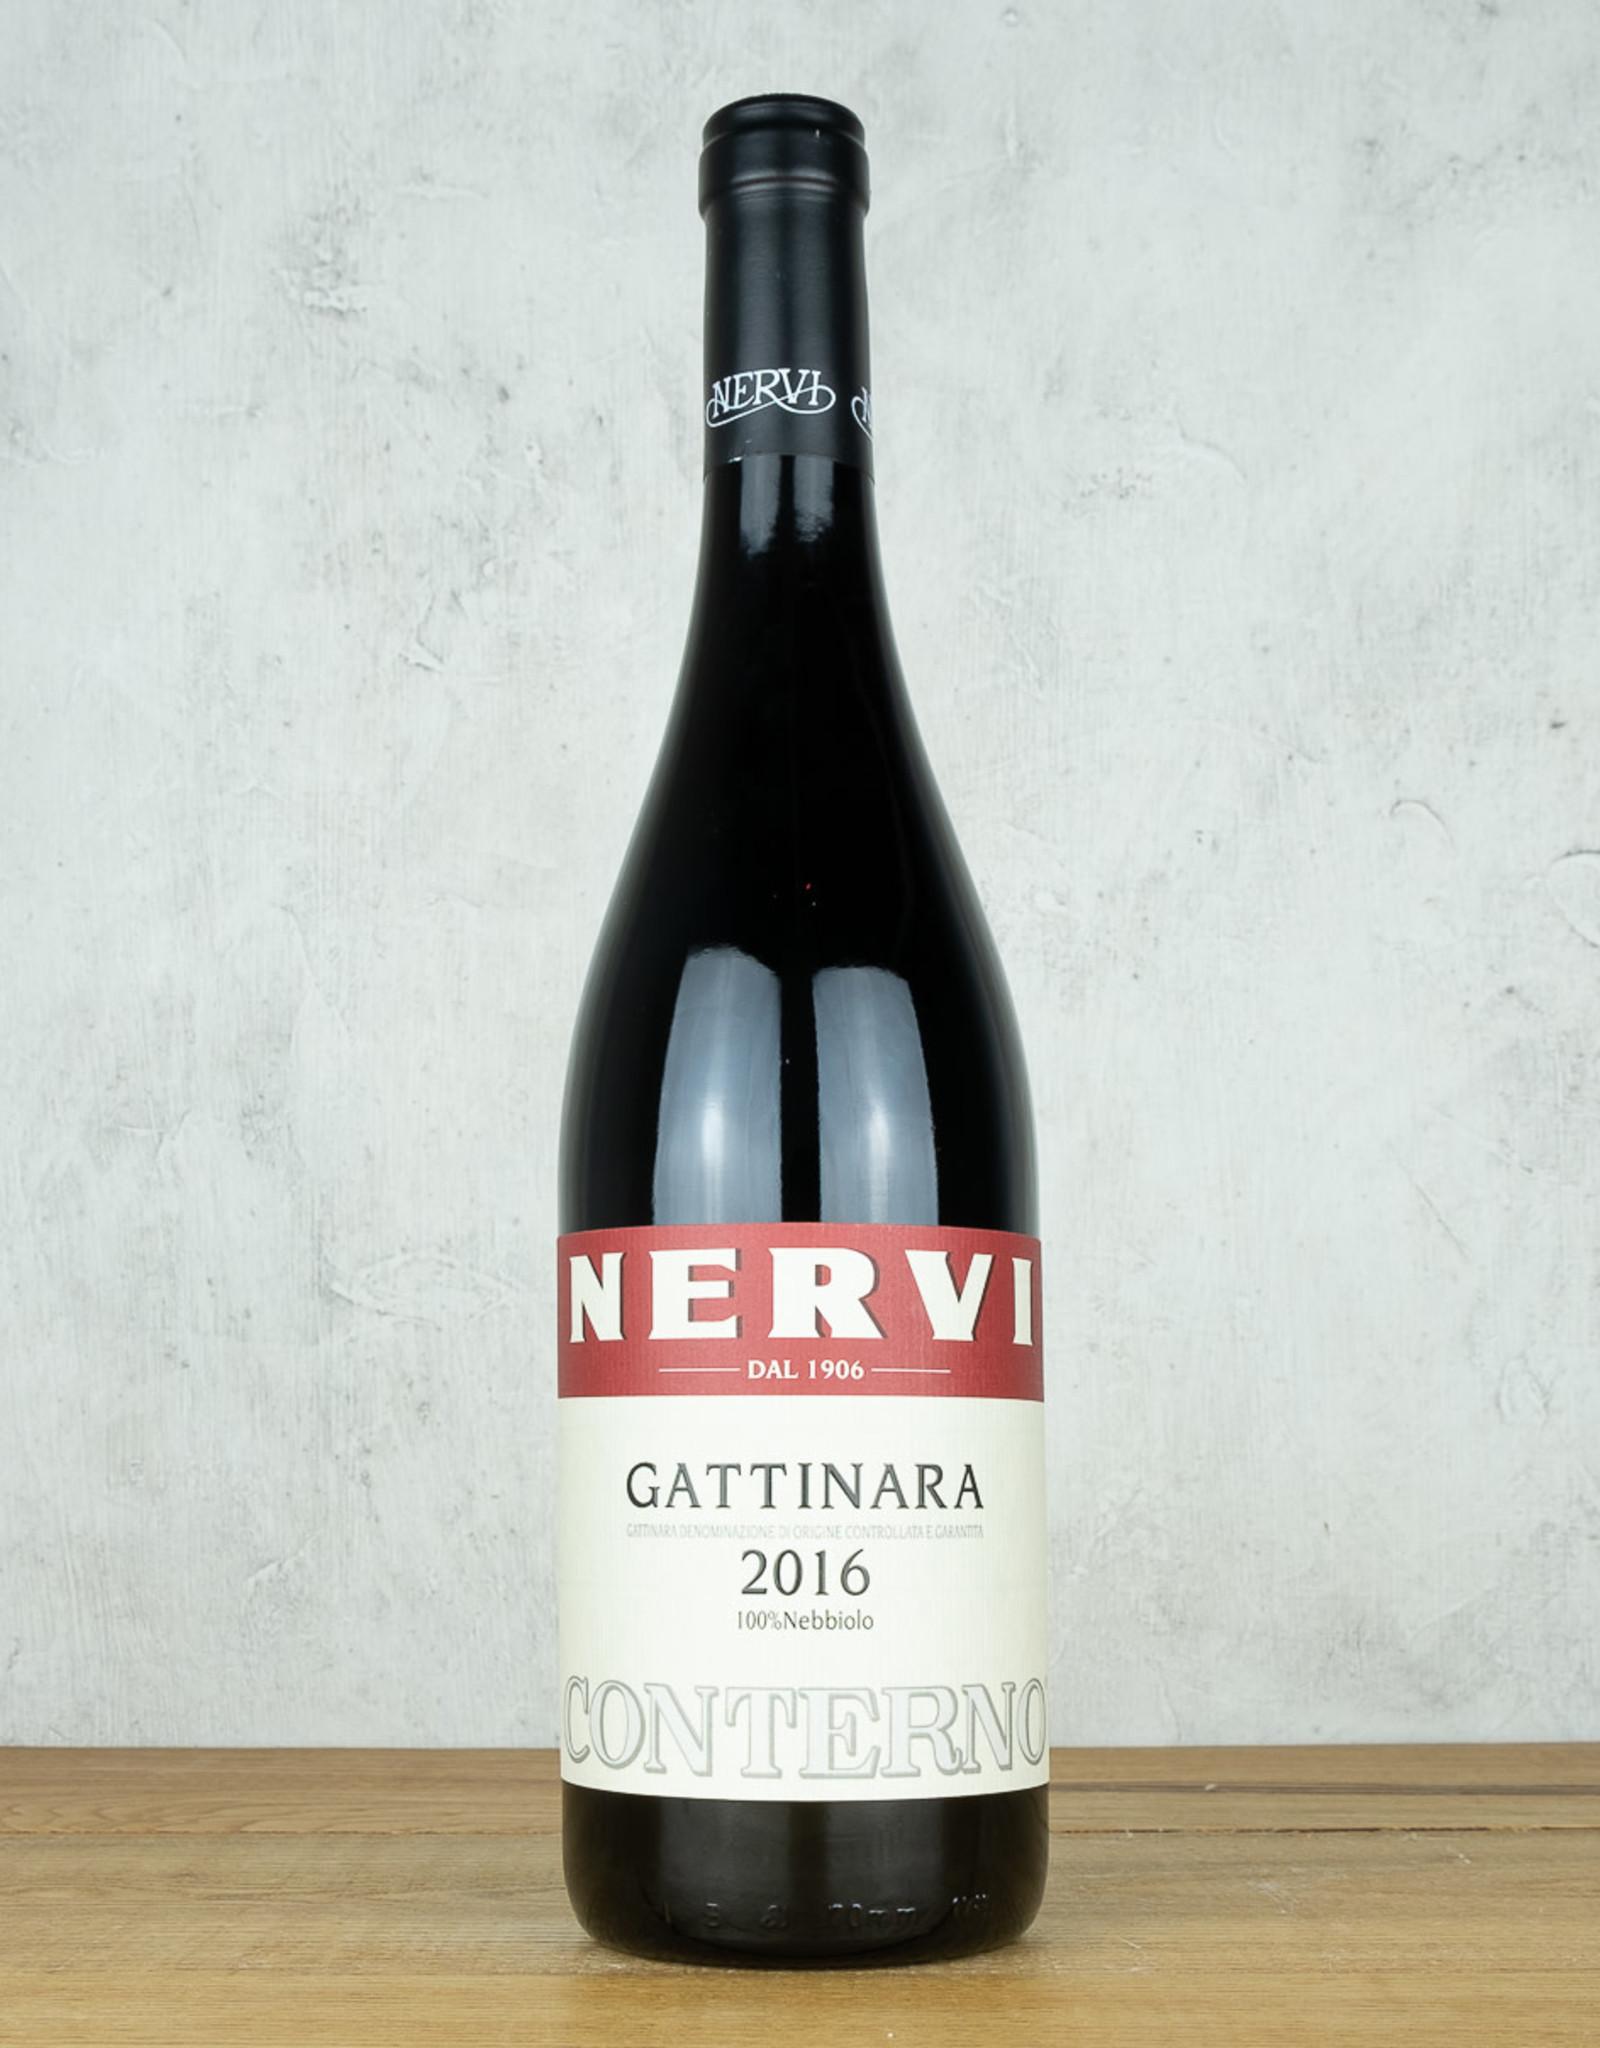 Nervi Conterno Gattinara